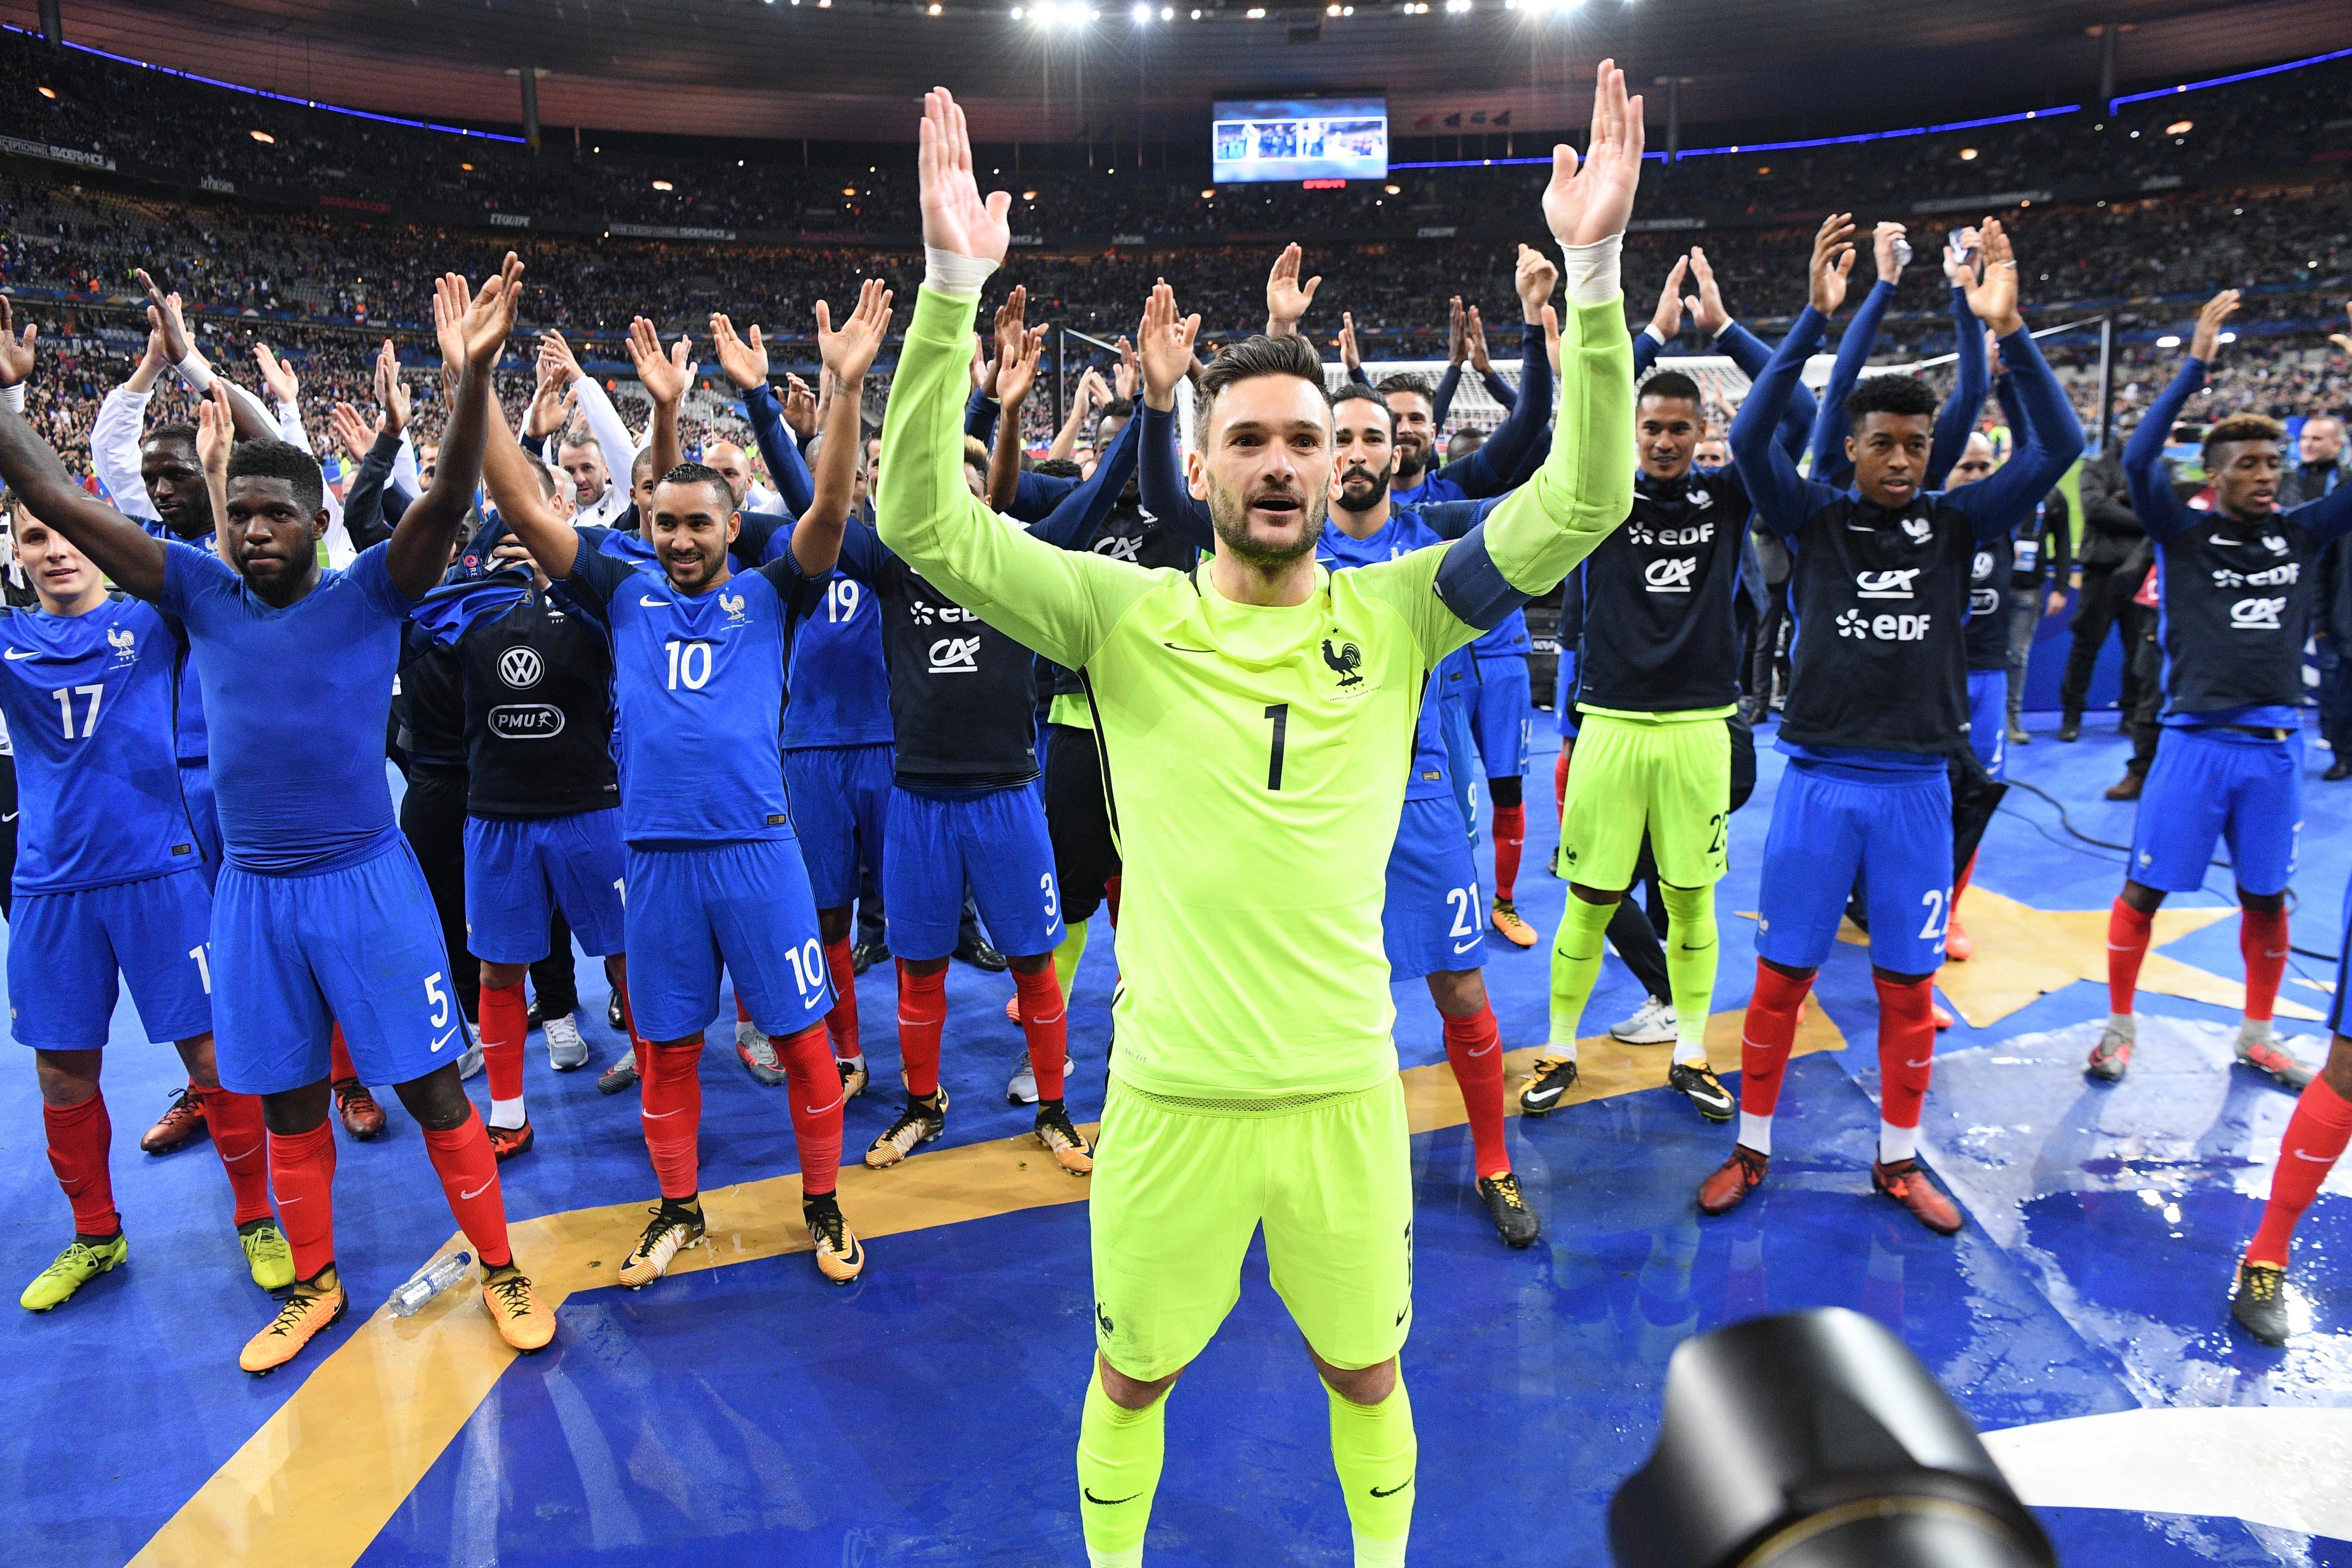 Coupe du monde de foot 2018 les quipes in et out - Prochaine coupe du monde de foot 2022 ...